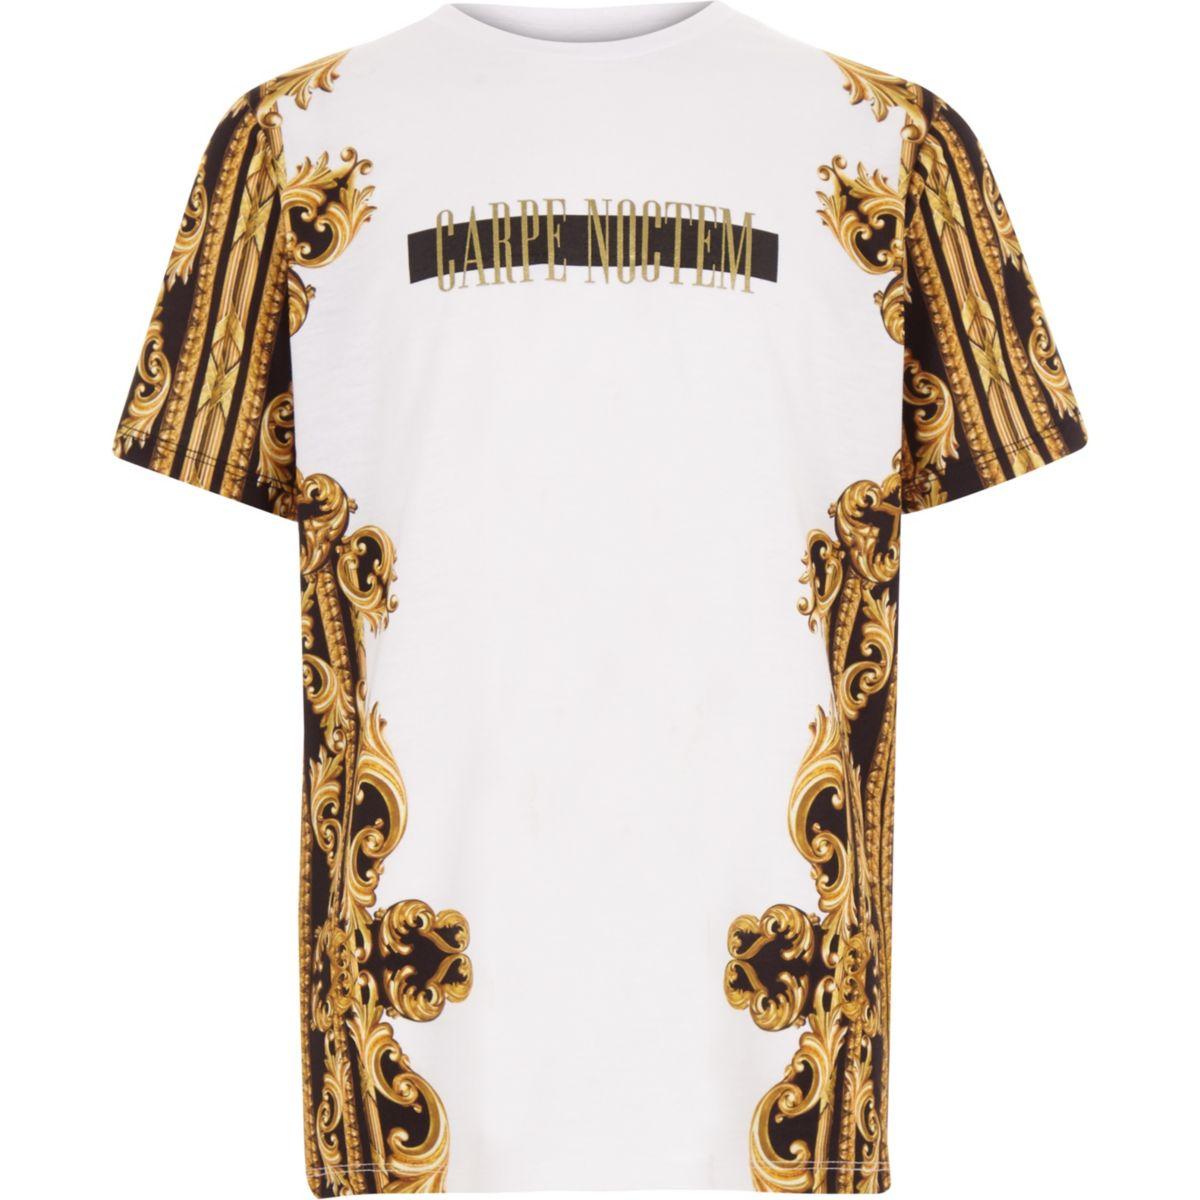 Boys 'carpe noctem' print T-shirt